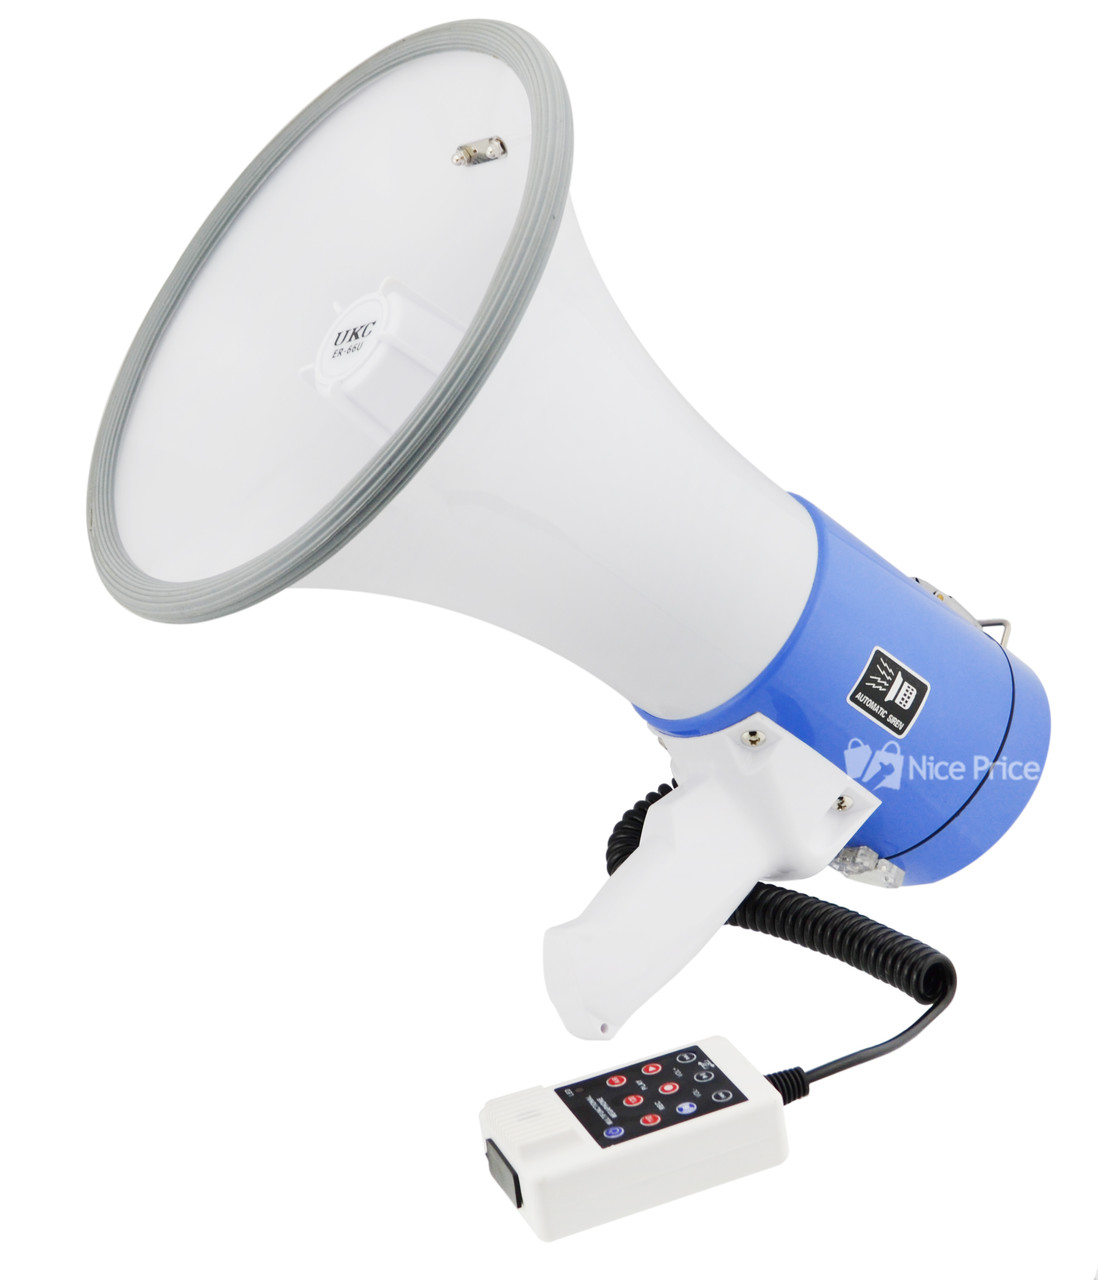 Громкоговоритель (рупор) UKC ER-66U White/Blue (5077)Уценка 100756 Неисправность